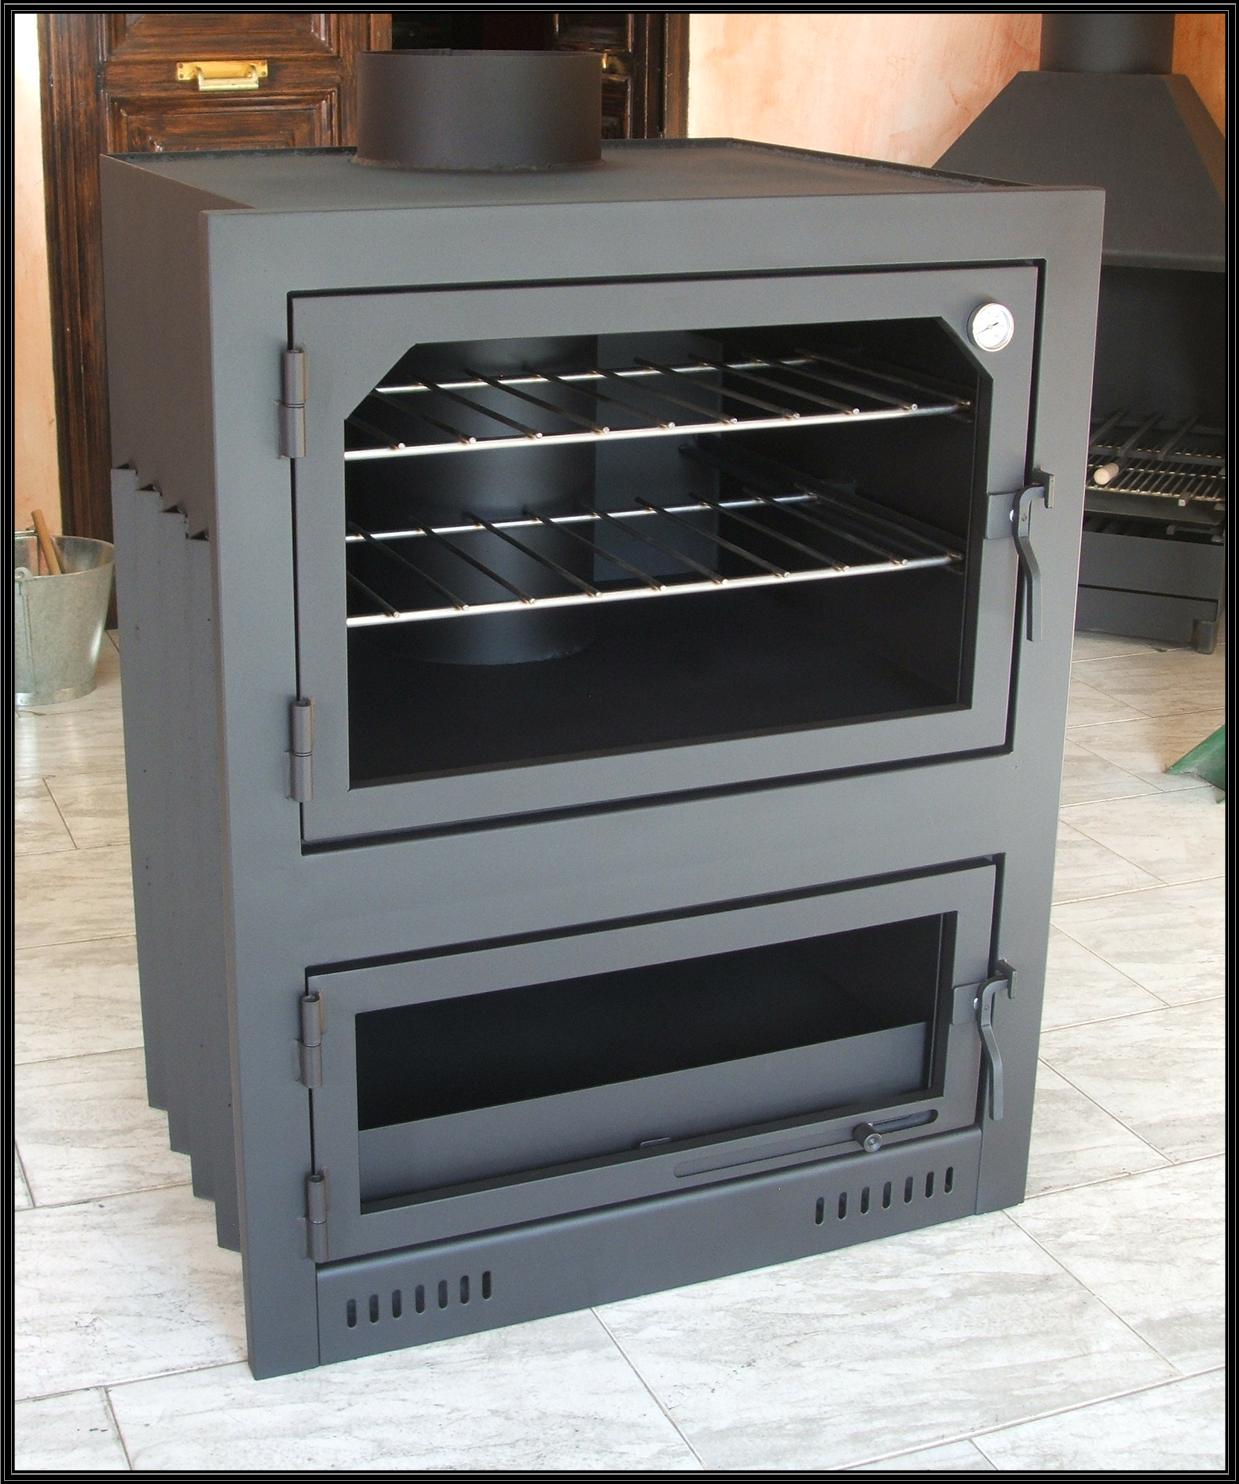 Chimeneas sierra horno para obra modelo o i - Modelos de hornos de lena ...